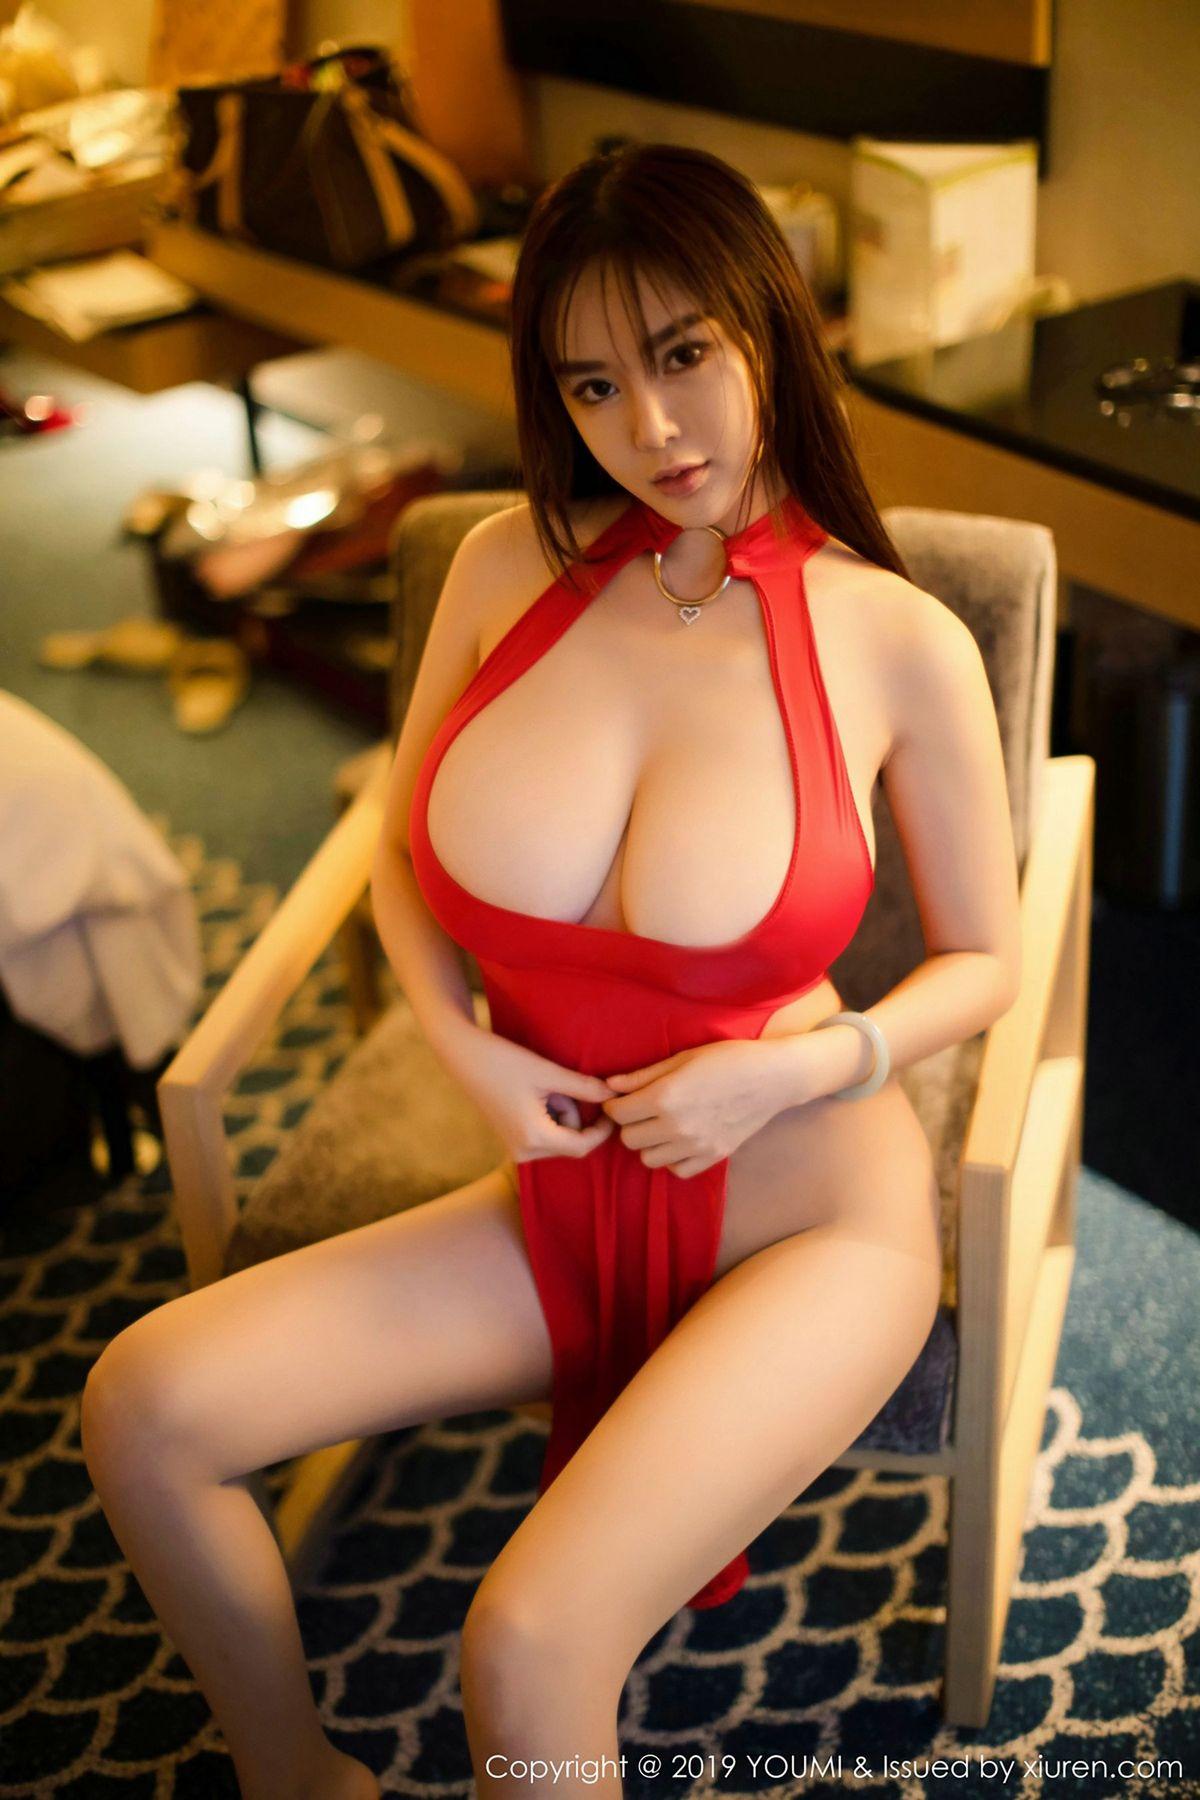 易阳Silvia《日本旅拍-窒息的诱惑》 [尤蜜荟YouMi] Vol.260 写真集1